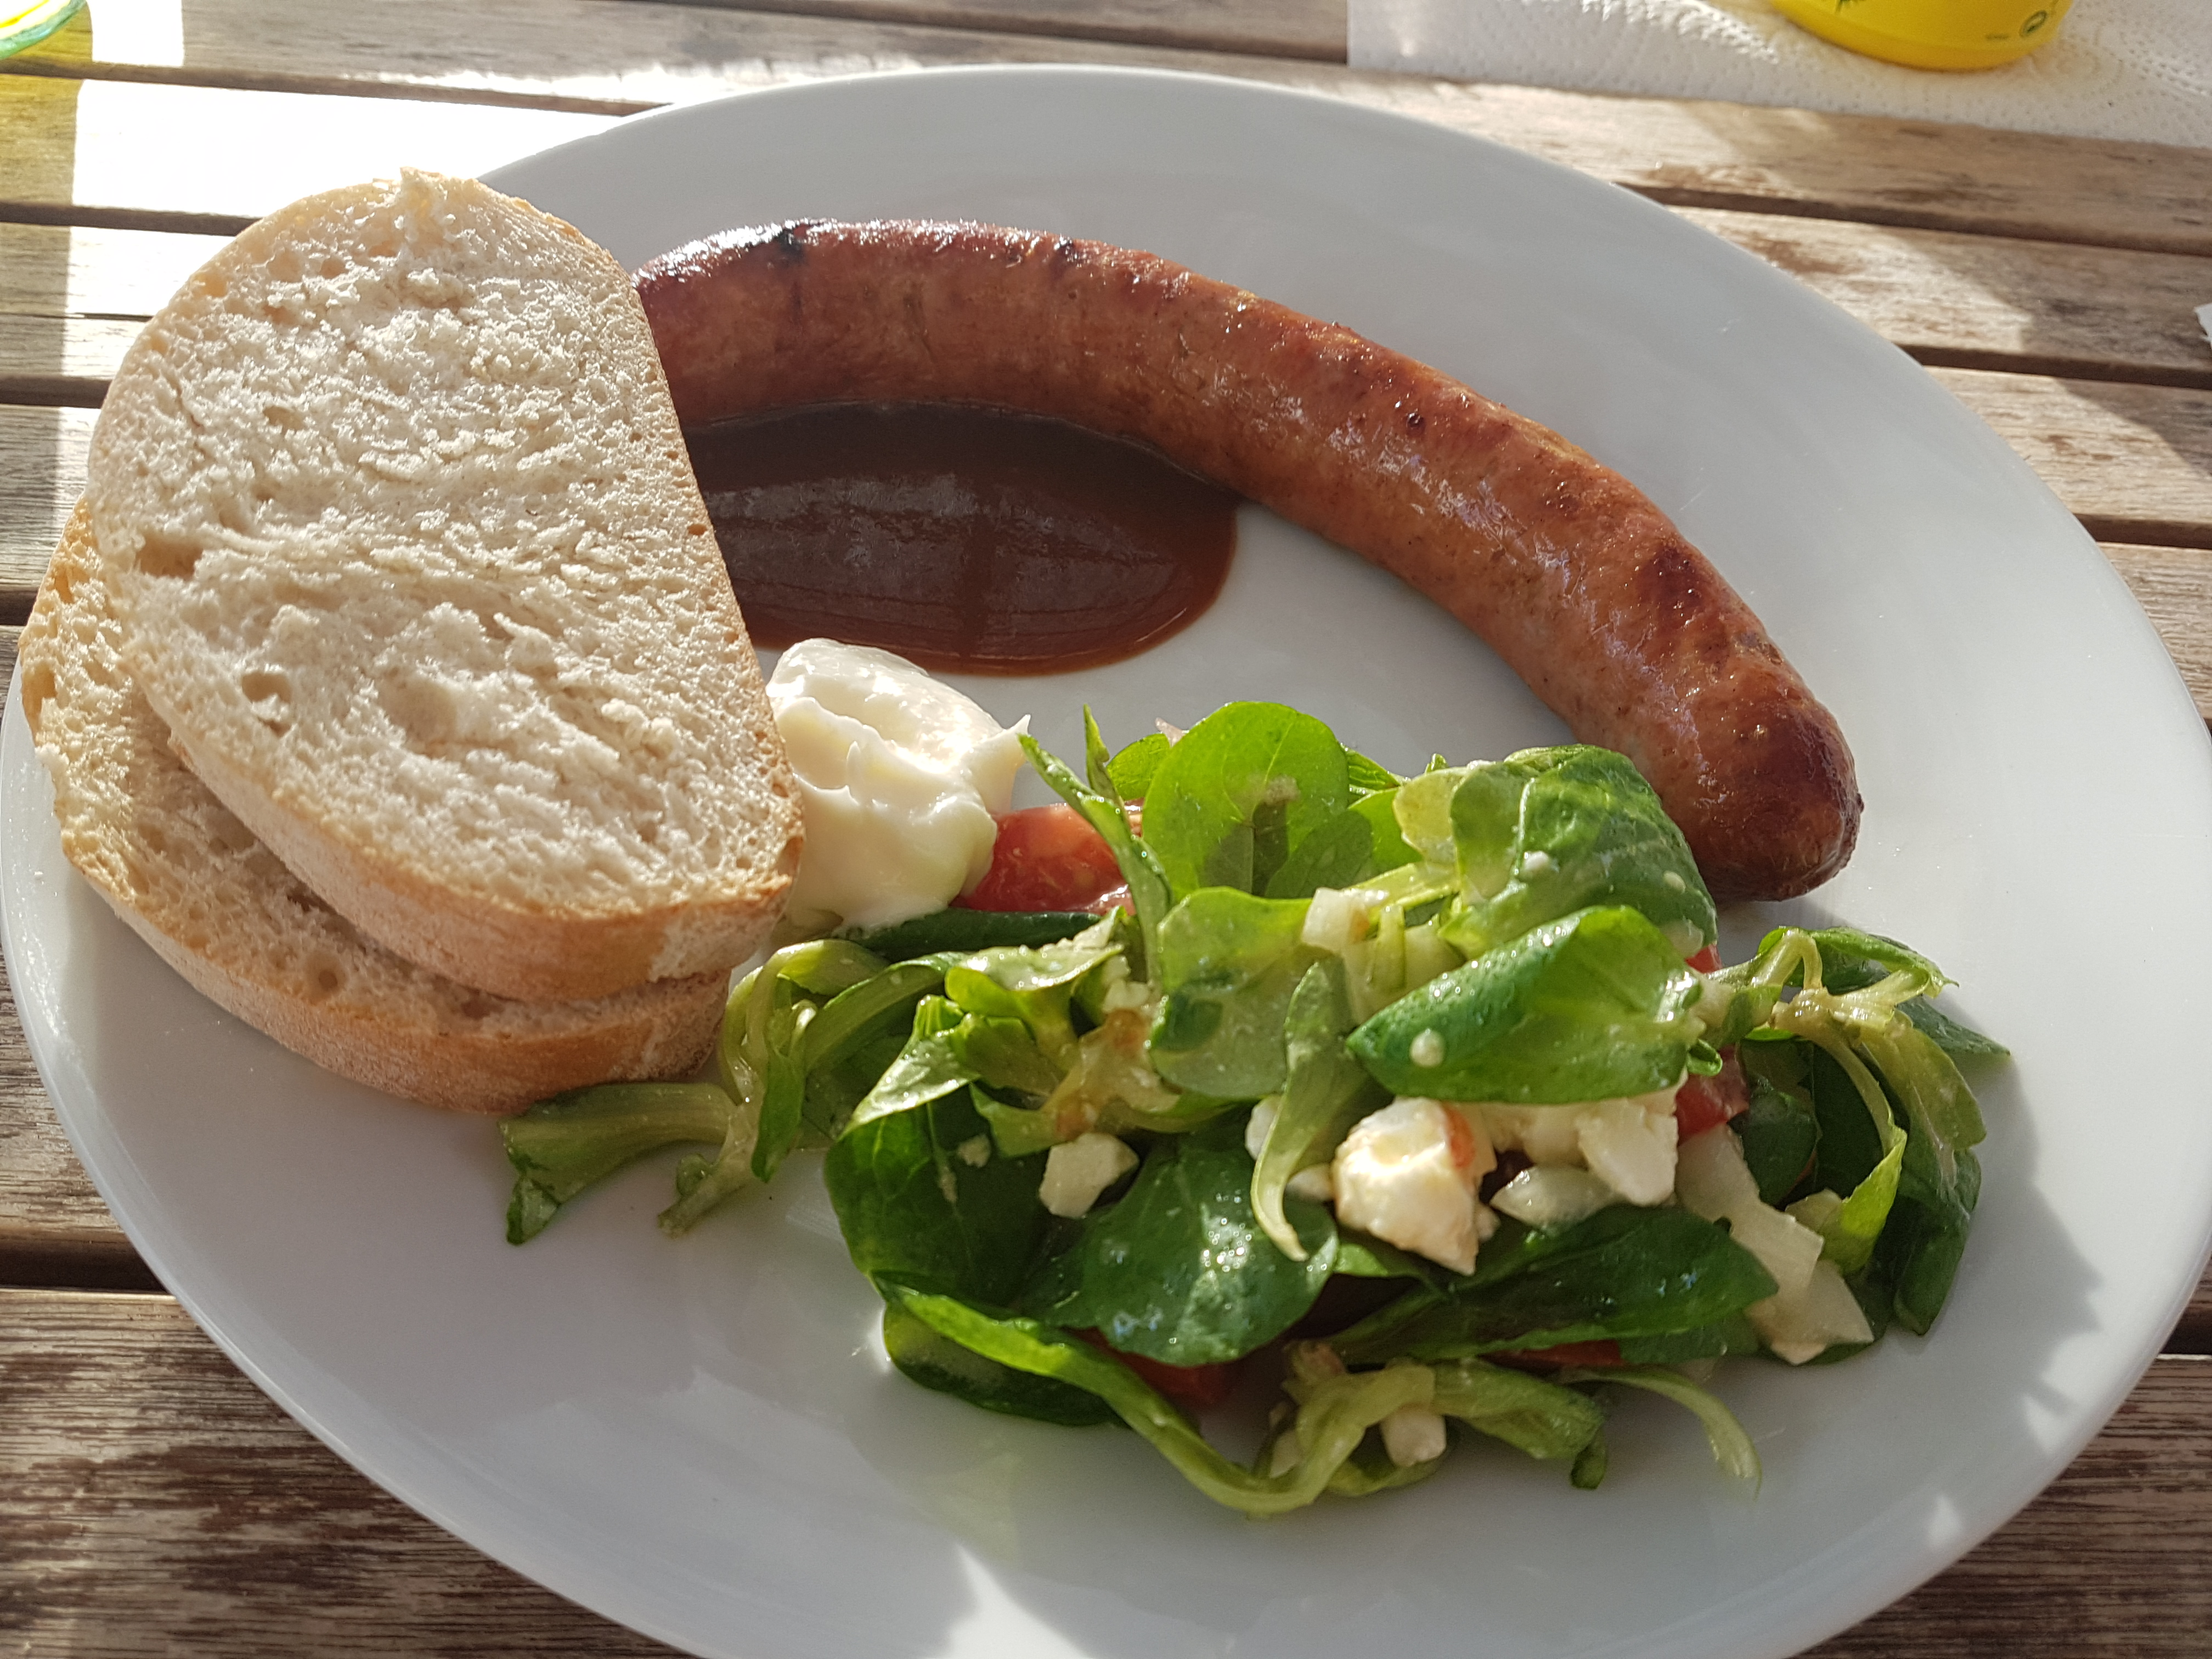 https://foodloader.net/Holz_2019-06-24_Bratwurst.jpg